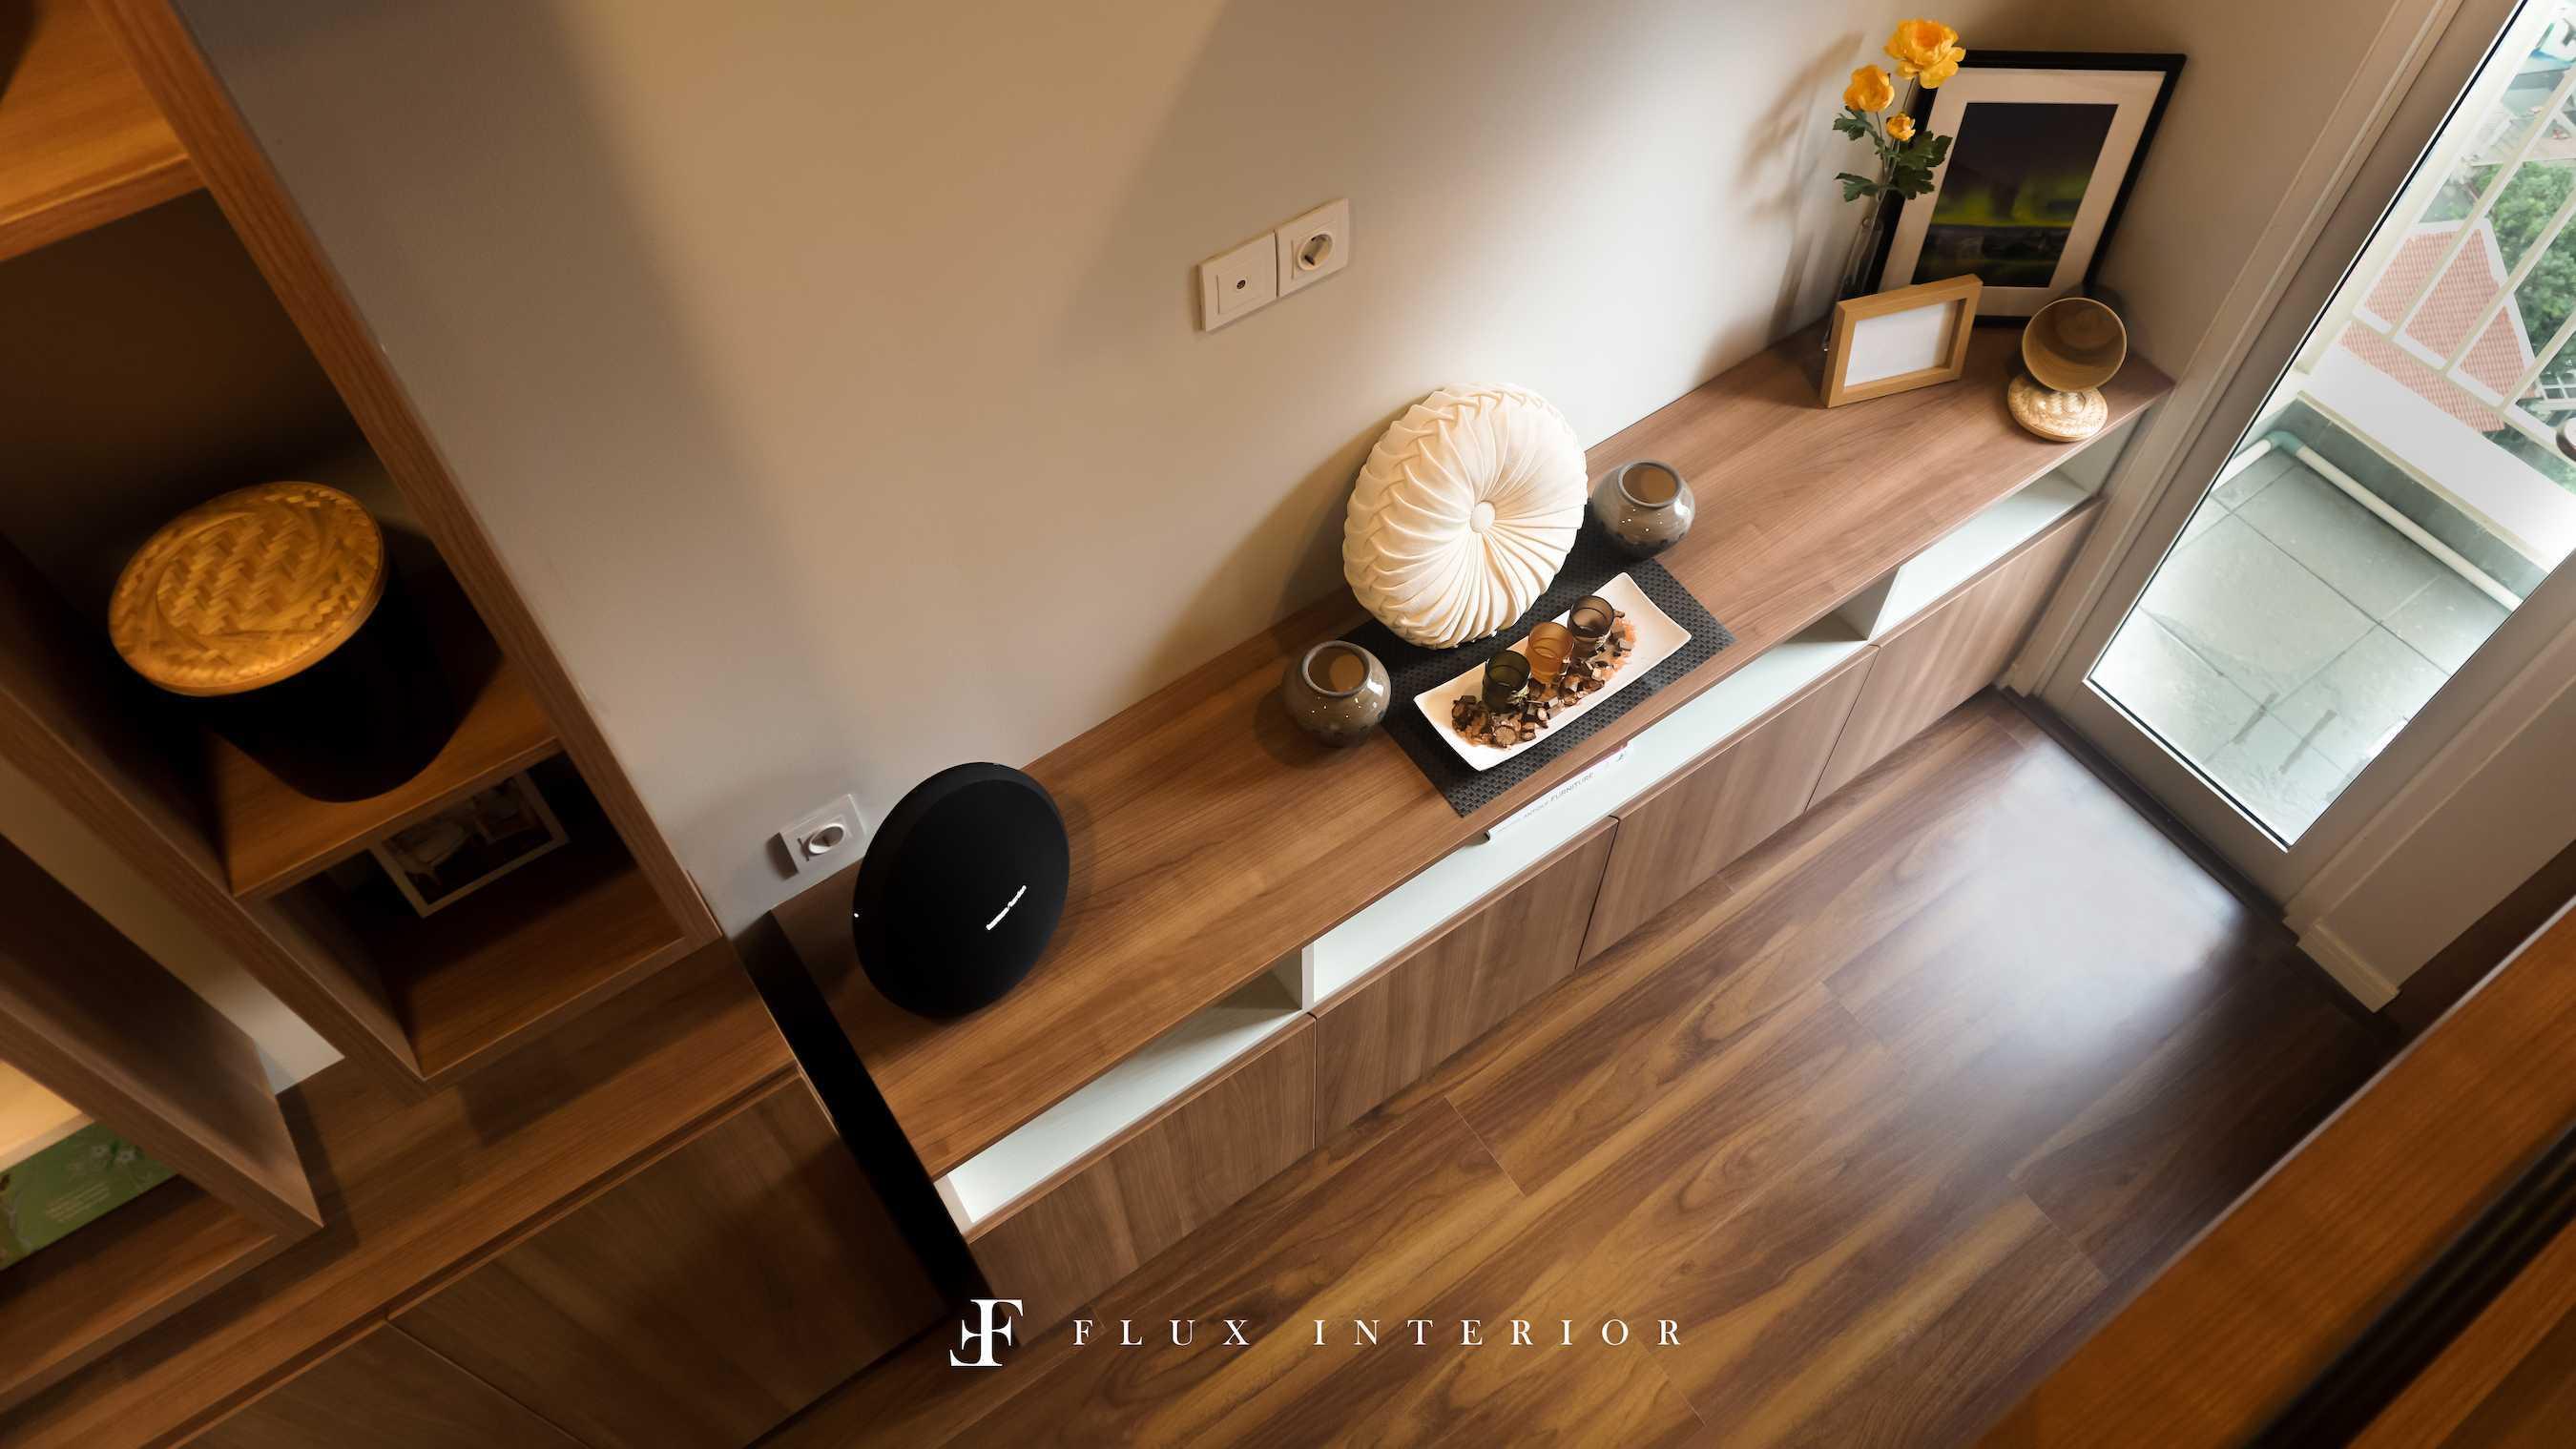 Flux Interior Loft-Style Studio Apartment At Madison Park Residences, West Jakarta Jakarta Barat, Kb. Jeruk, Kota Jakarta Barat, Daerah Khusus Ibukota Jakarta, Indonesia  View From Bed Area To Tv Credenza Minimalis  51840